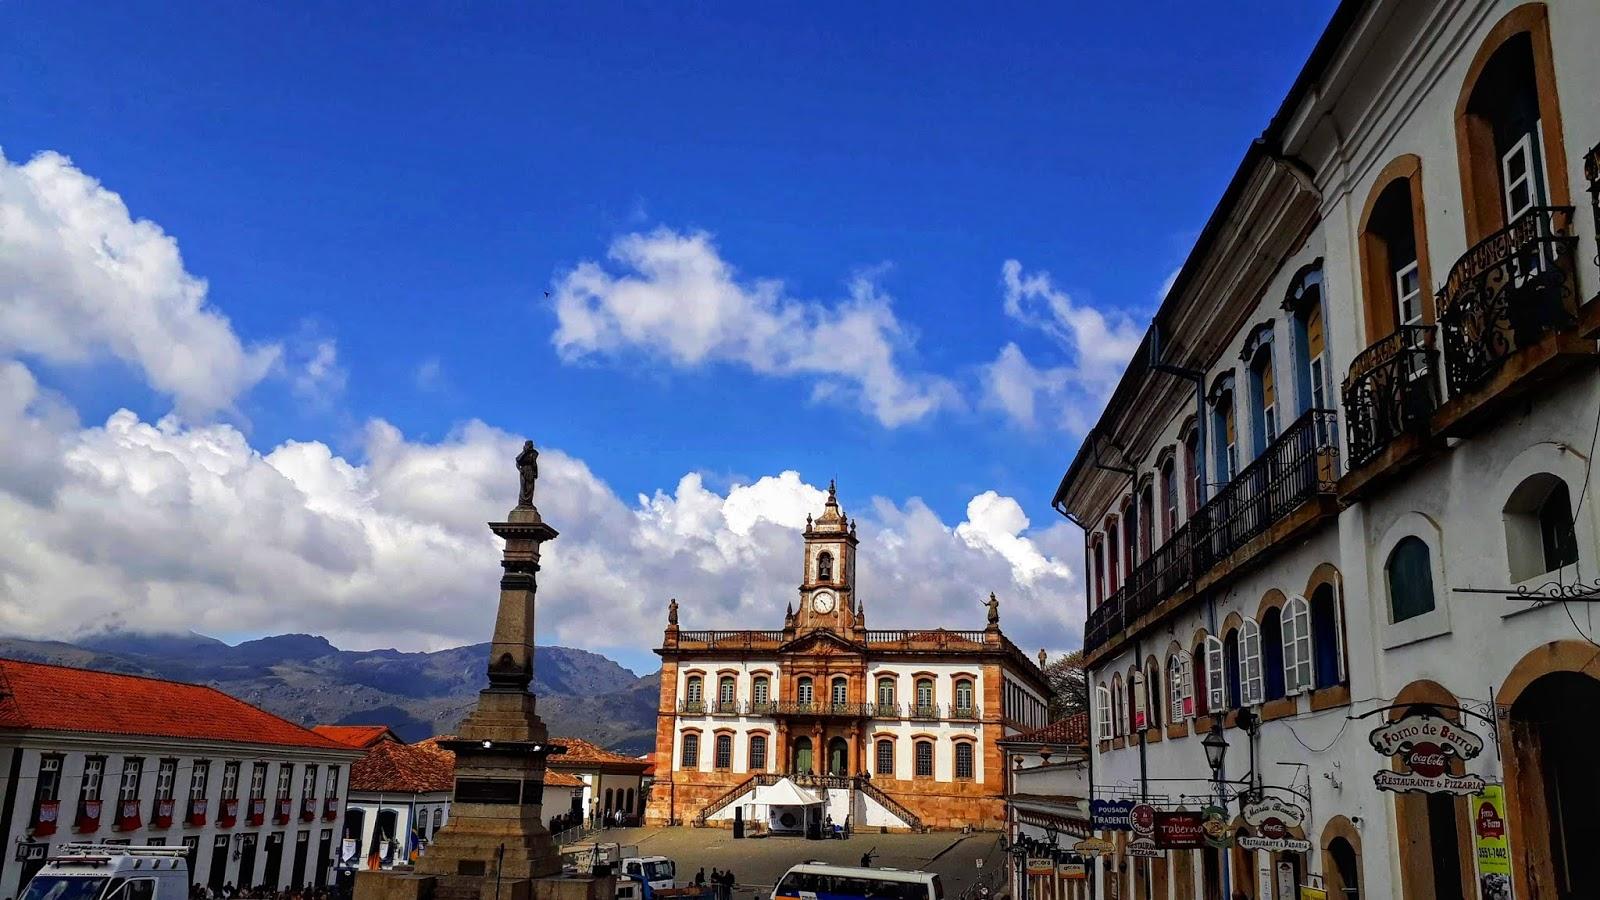 Praça Tiradentes em Ouro Preto com o Museu da Inconfidência ao fundo